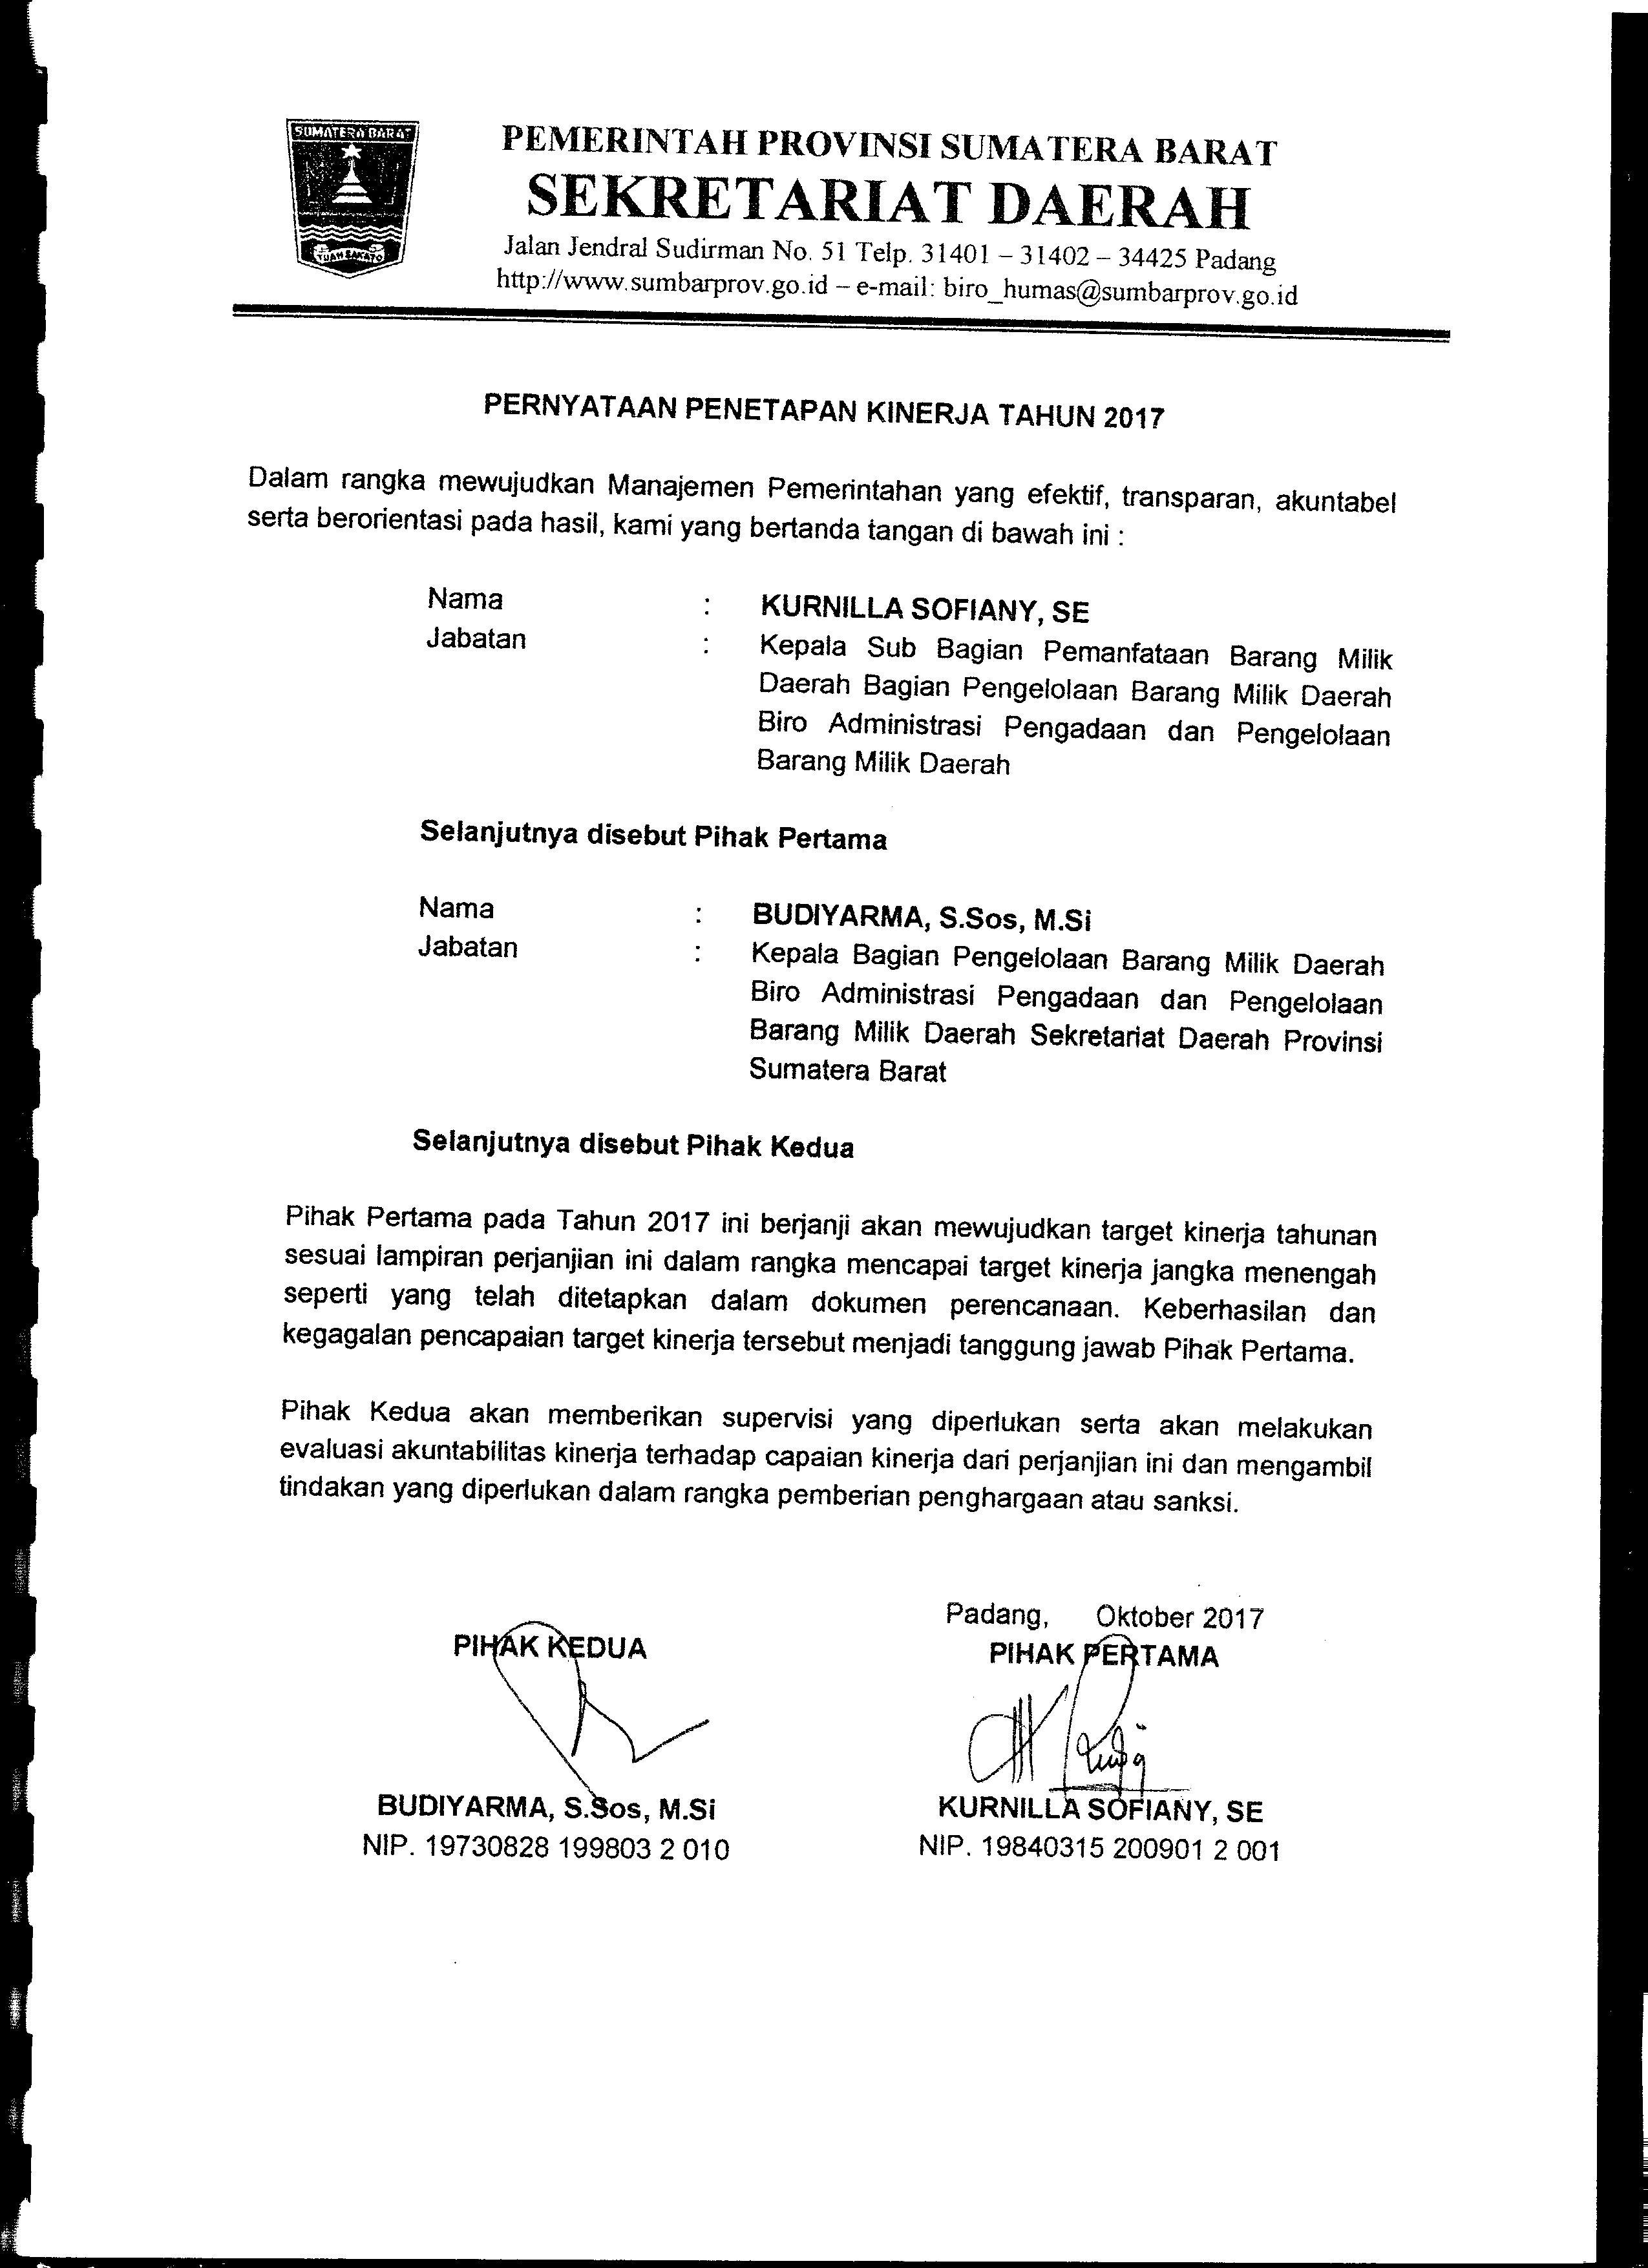 Perjanjian Kinerja Kasubag Pemanfaatan BMD Biro AP2BMD Tahun 2017